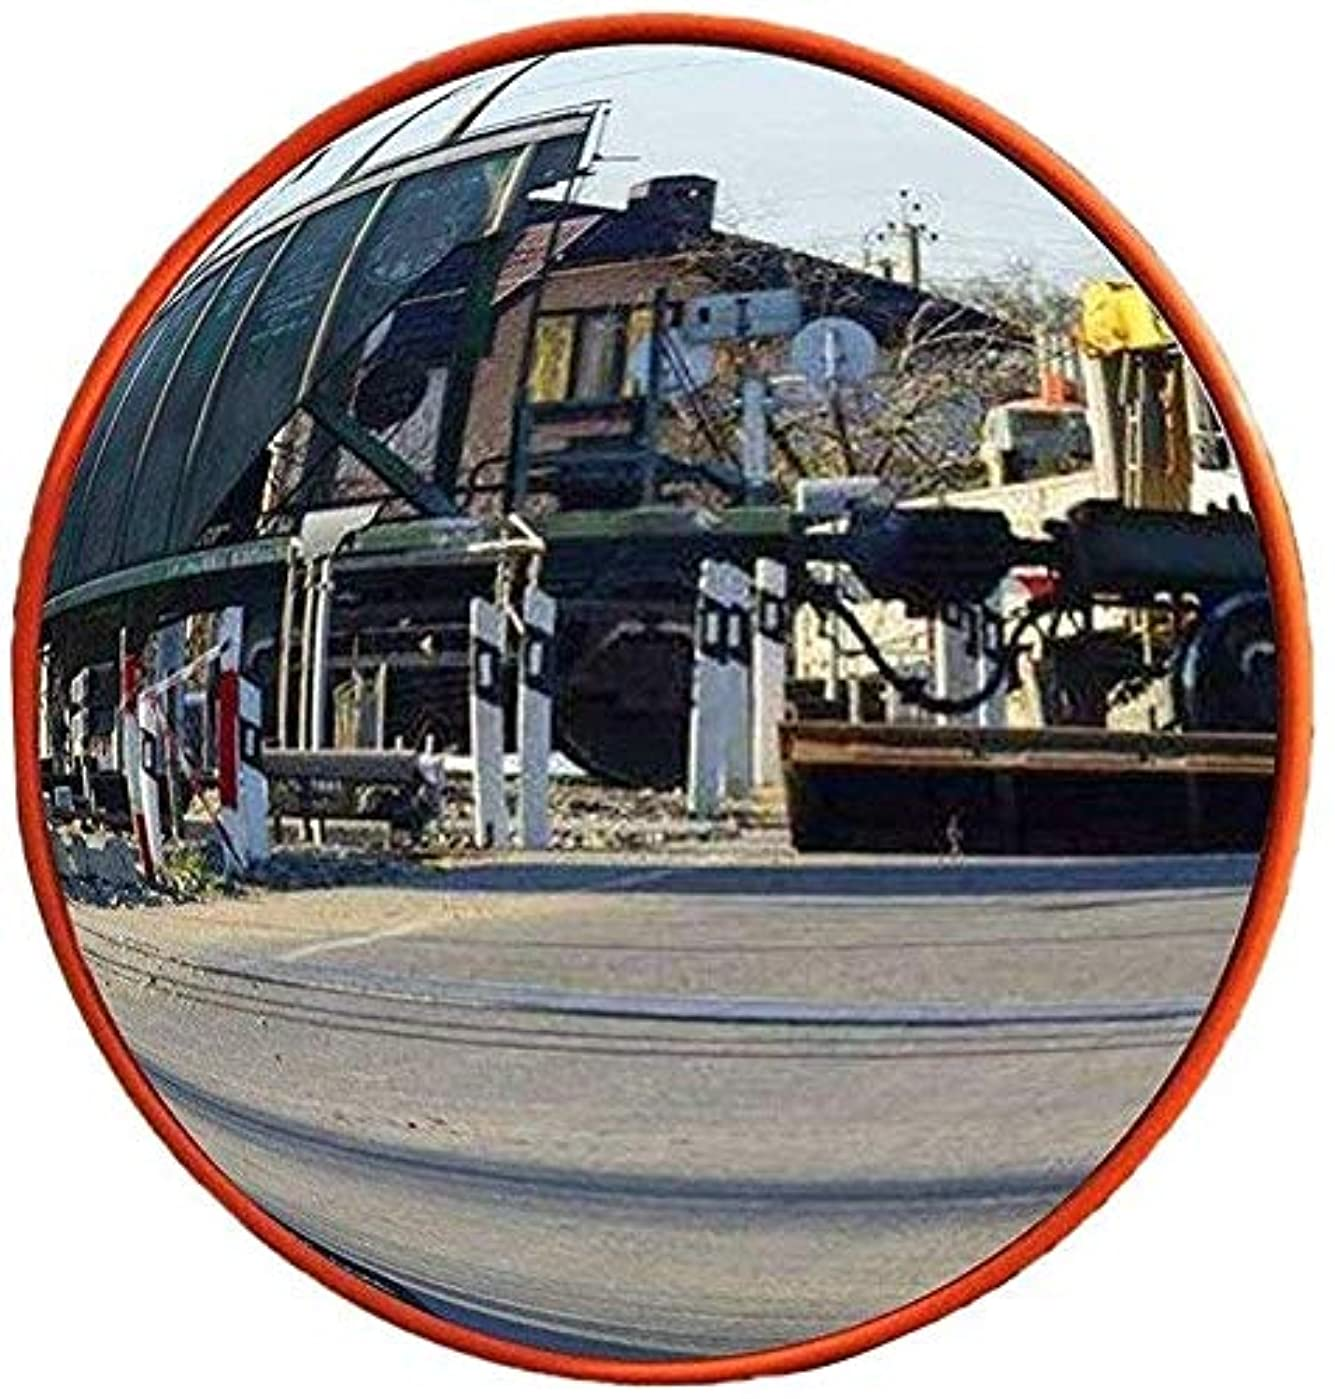 ジョージバーナード泣き叫ぶクルー街路安全凹面鏡、防雨飛散防止PCミラー耐久性のあるポータブル広角レンズ屋内ブラインドスポットミラー30-80CM(サイズ:45CM)